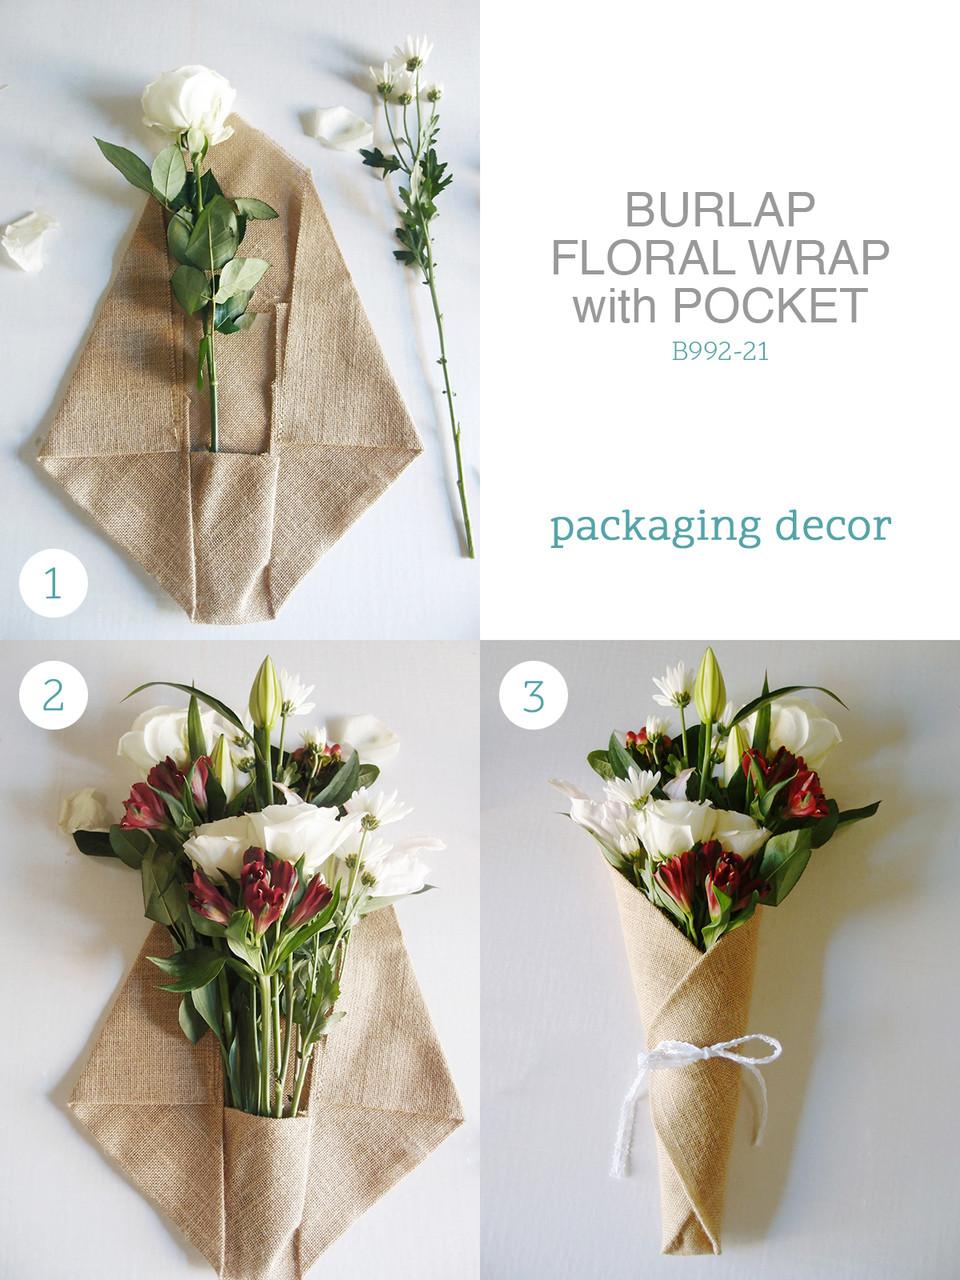 Jute Burlap Floral Wrap With Pocket, Rustic Bouquet Wrap, Wholesale Floral Wrap   Packaging Decor